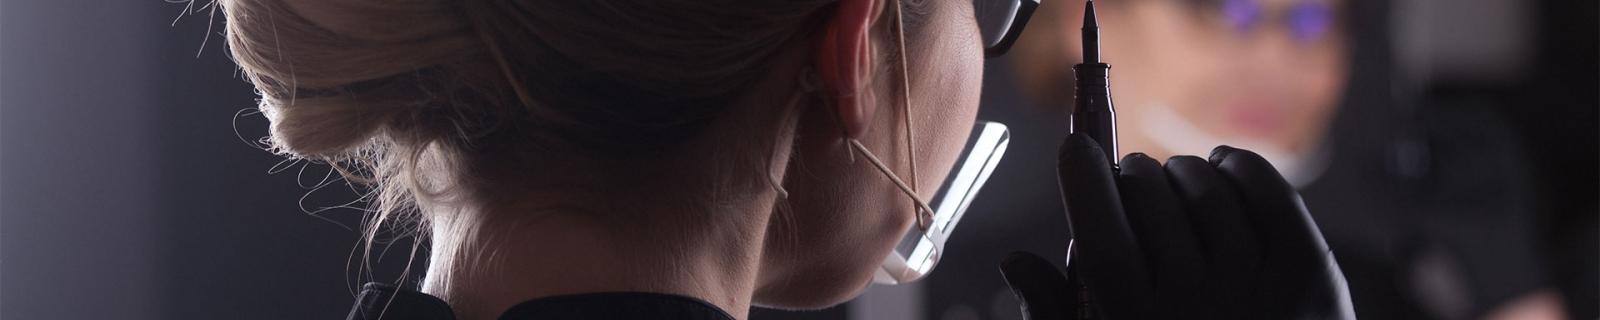 Mikropigmentacjia brodawki piersiowej